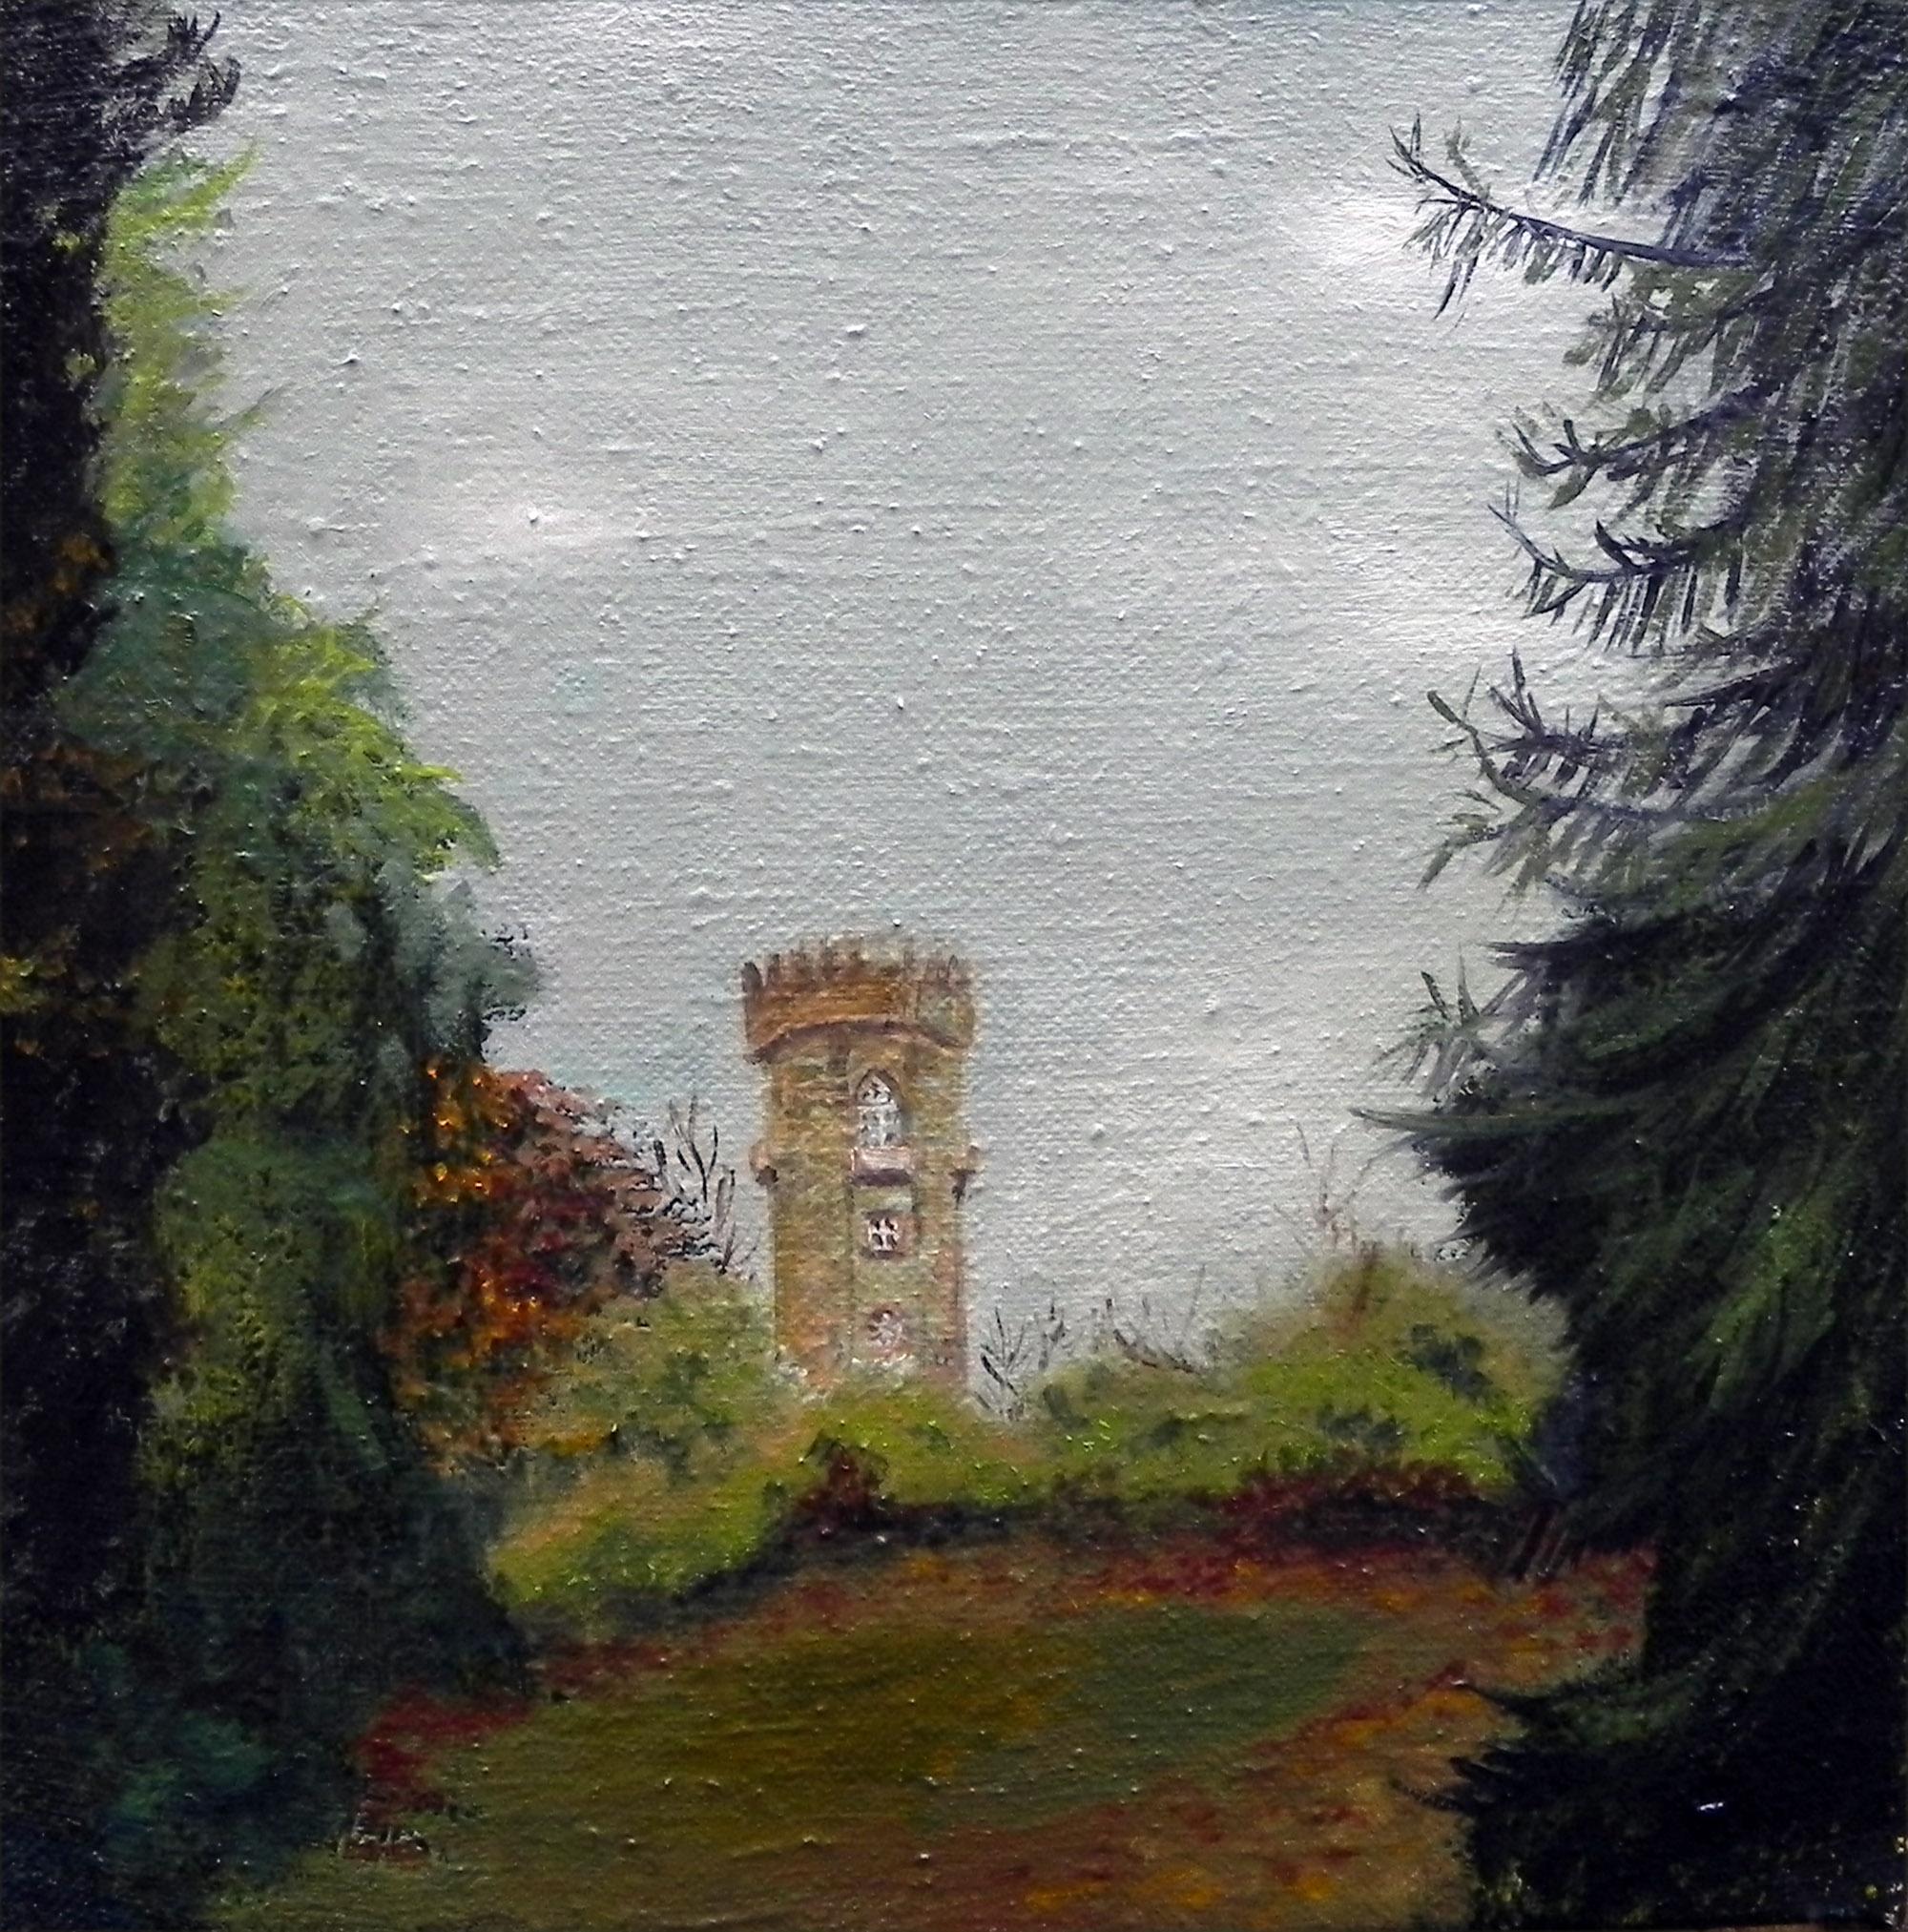 Wartturm Wilhelmsthal, LAndschaftsbild von Ariane Zuber, 30x30 cm, Ol auf Leinen